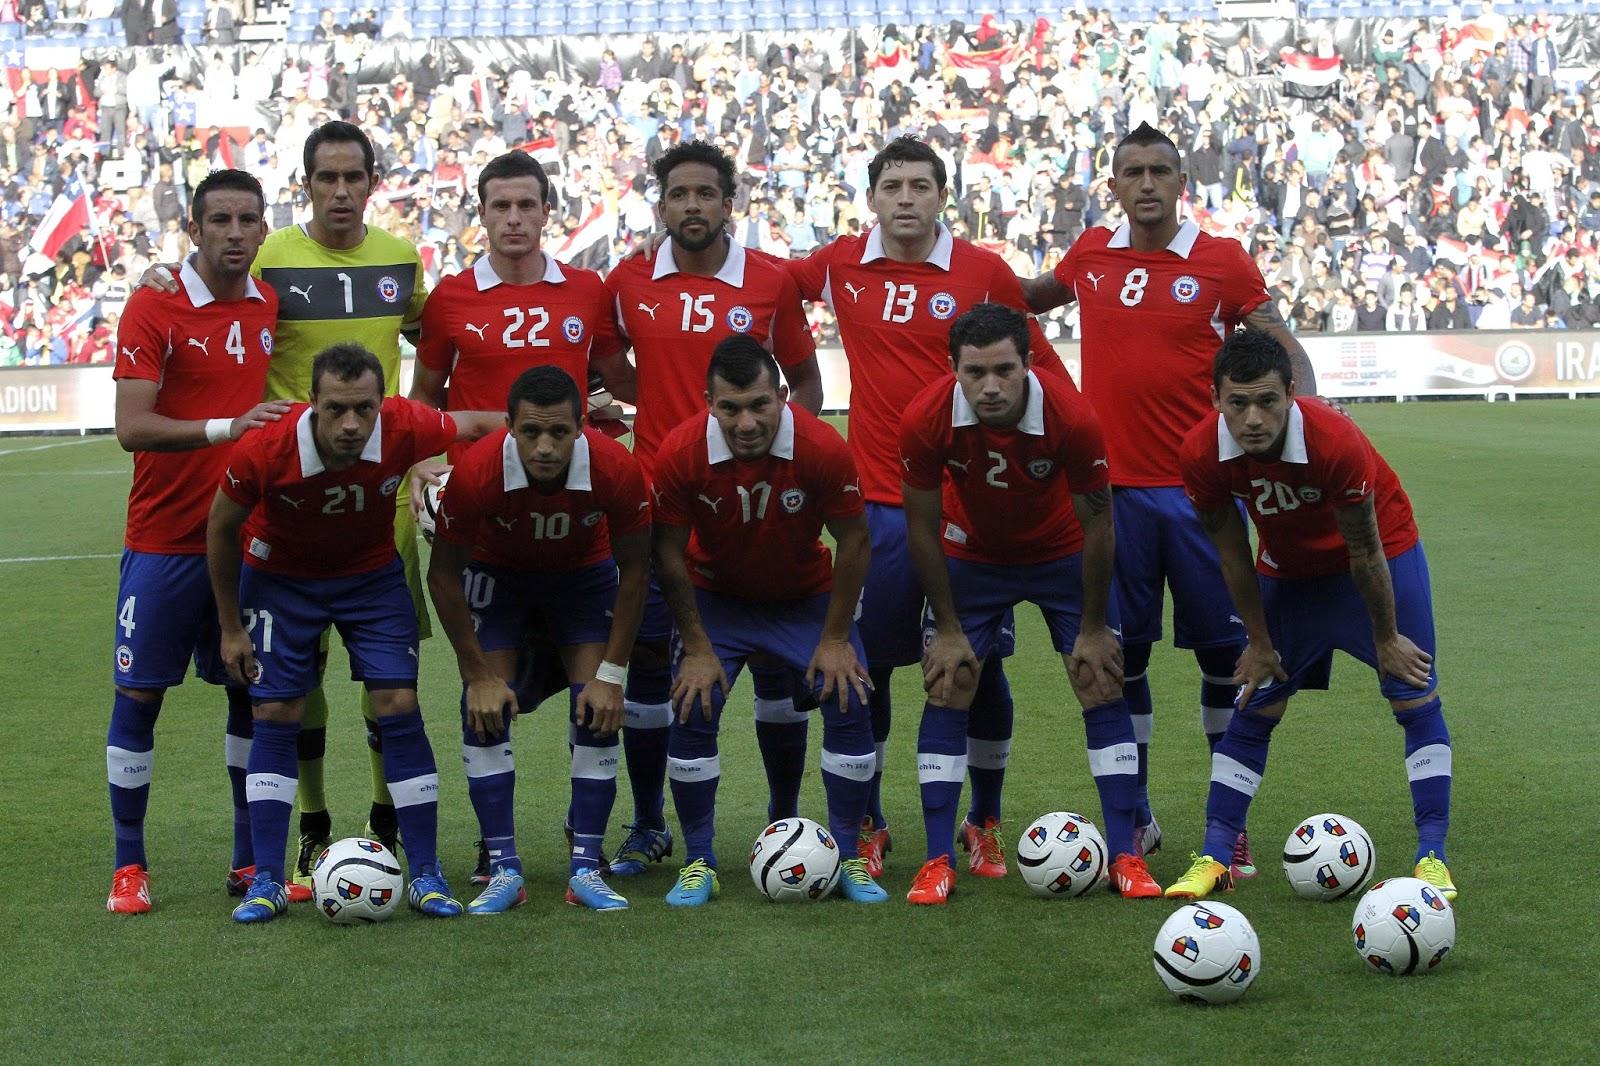 Formación de Chile ante Irak, amistoso disputado el 14 de agosto de 2013